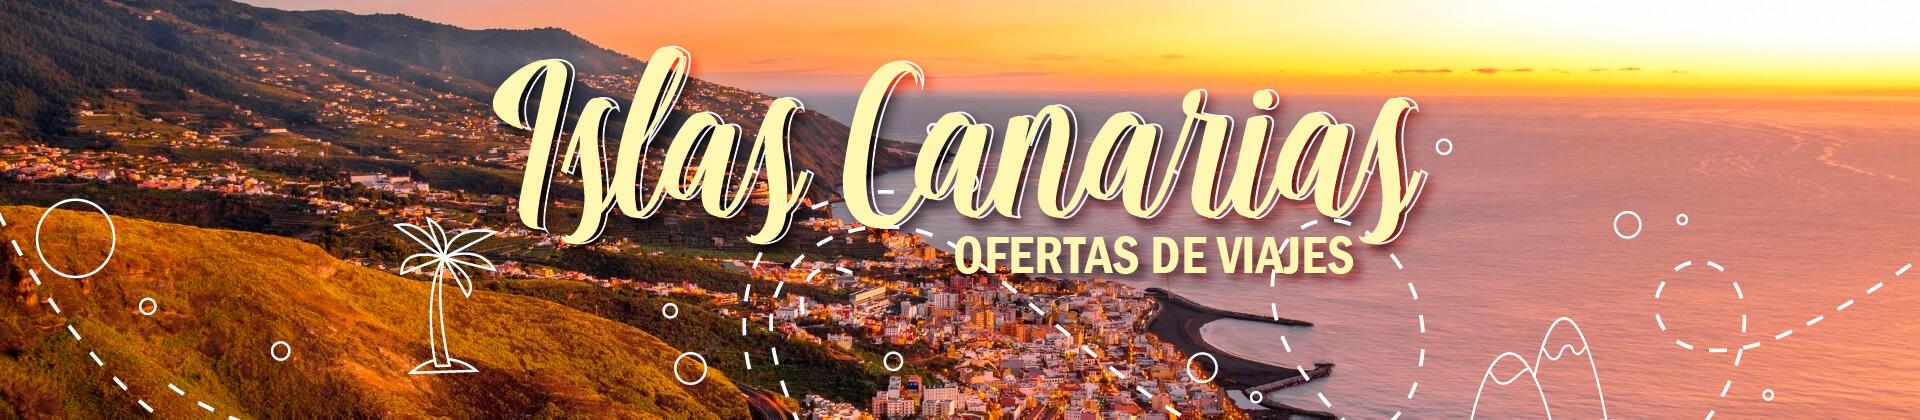 Circuitos Islas Canarias 2021